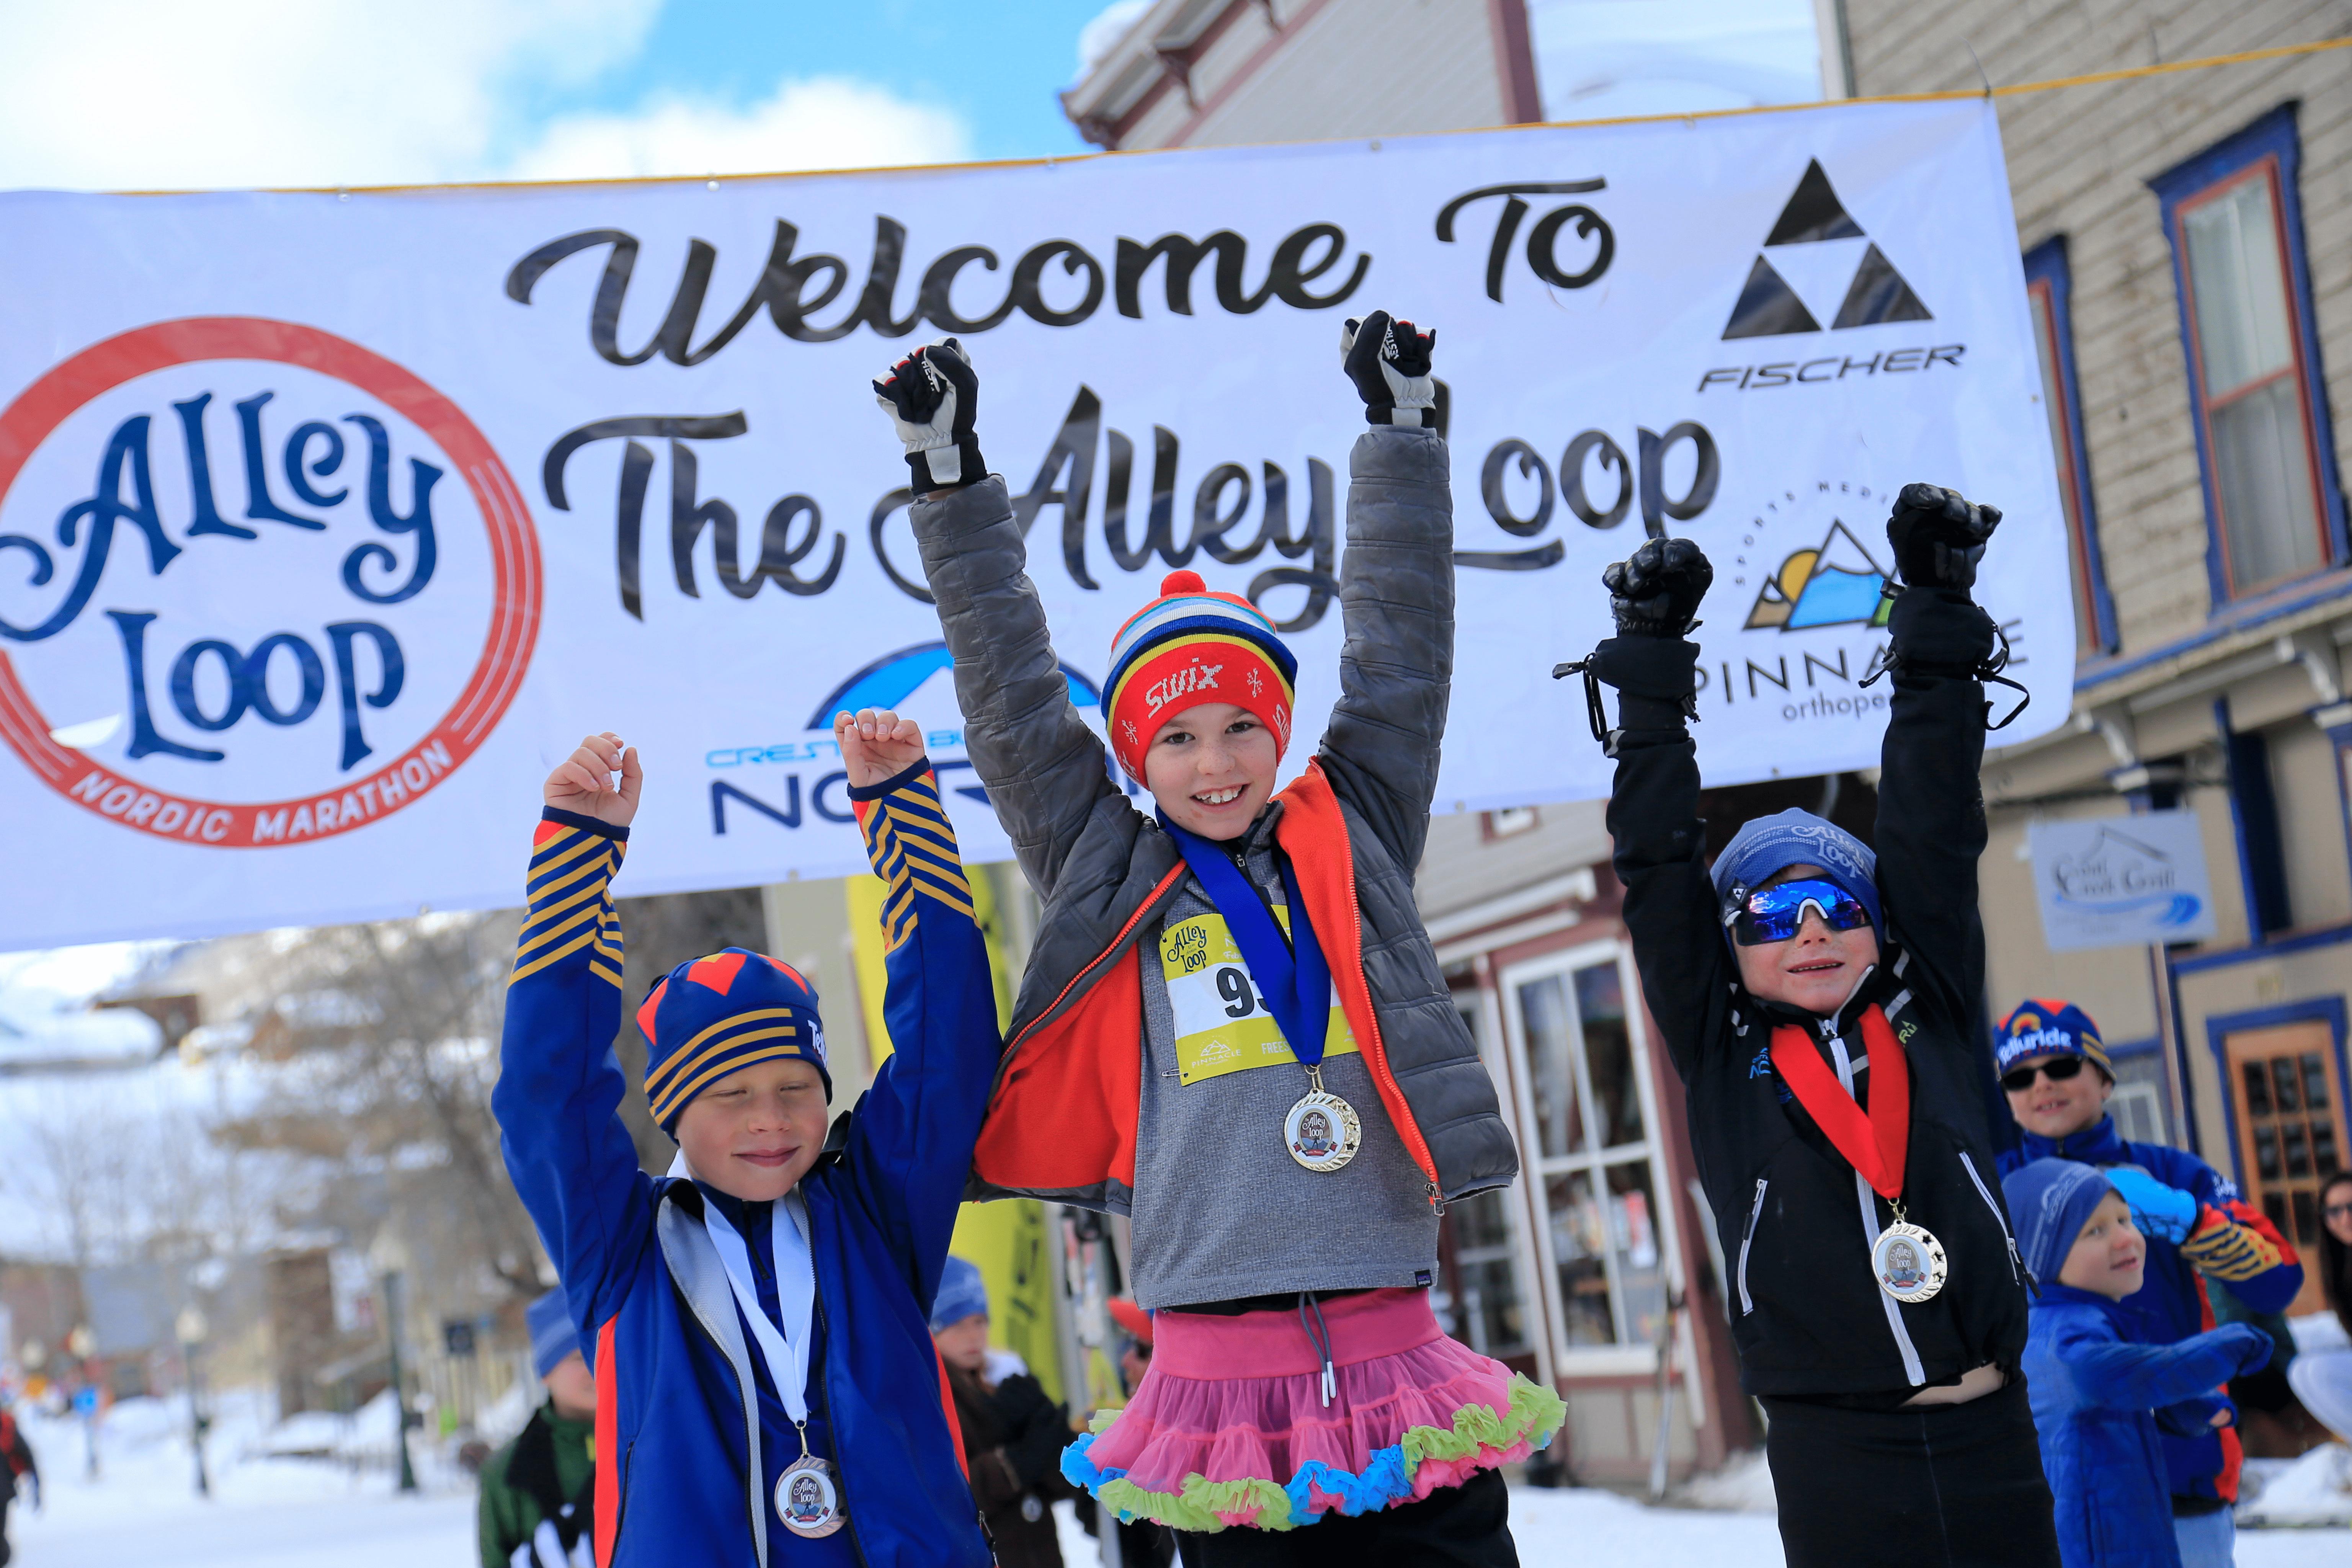 Alley Loop kids race winners on podium